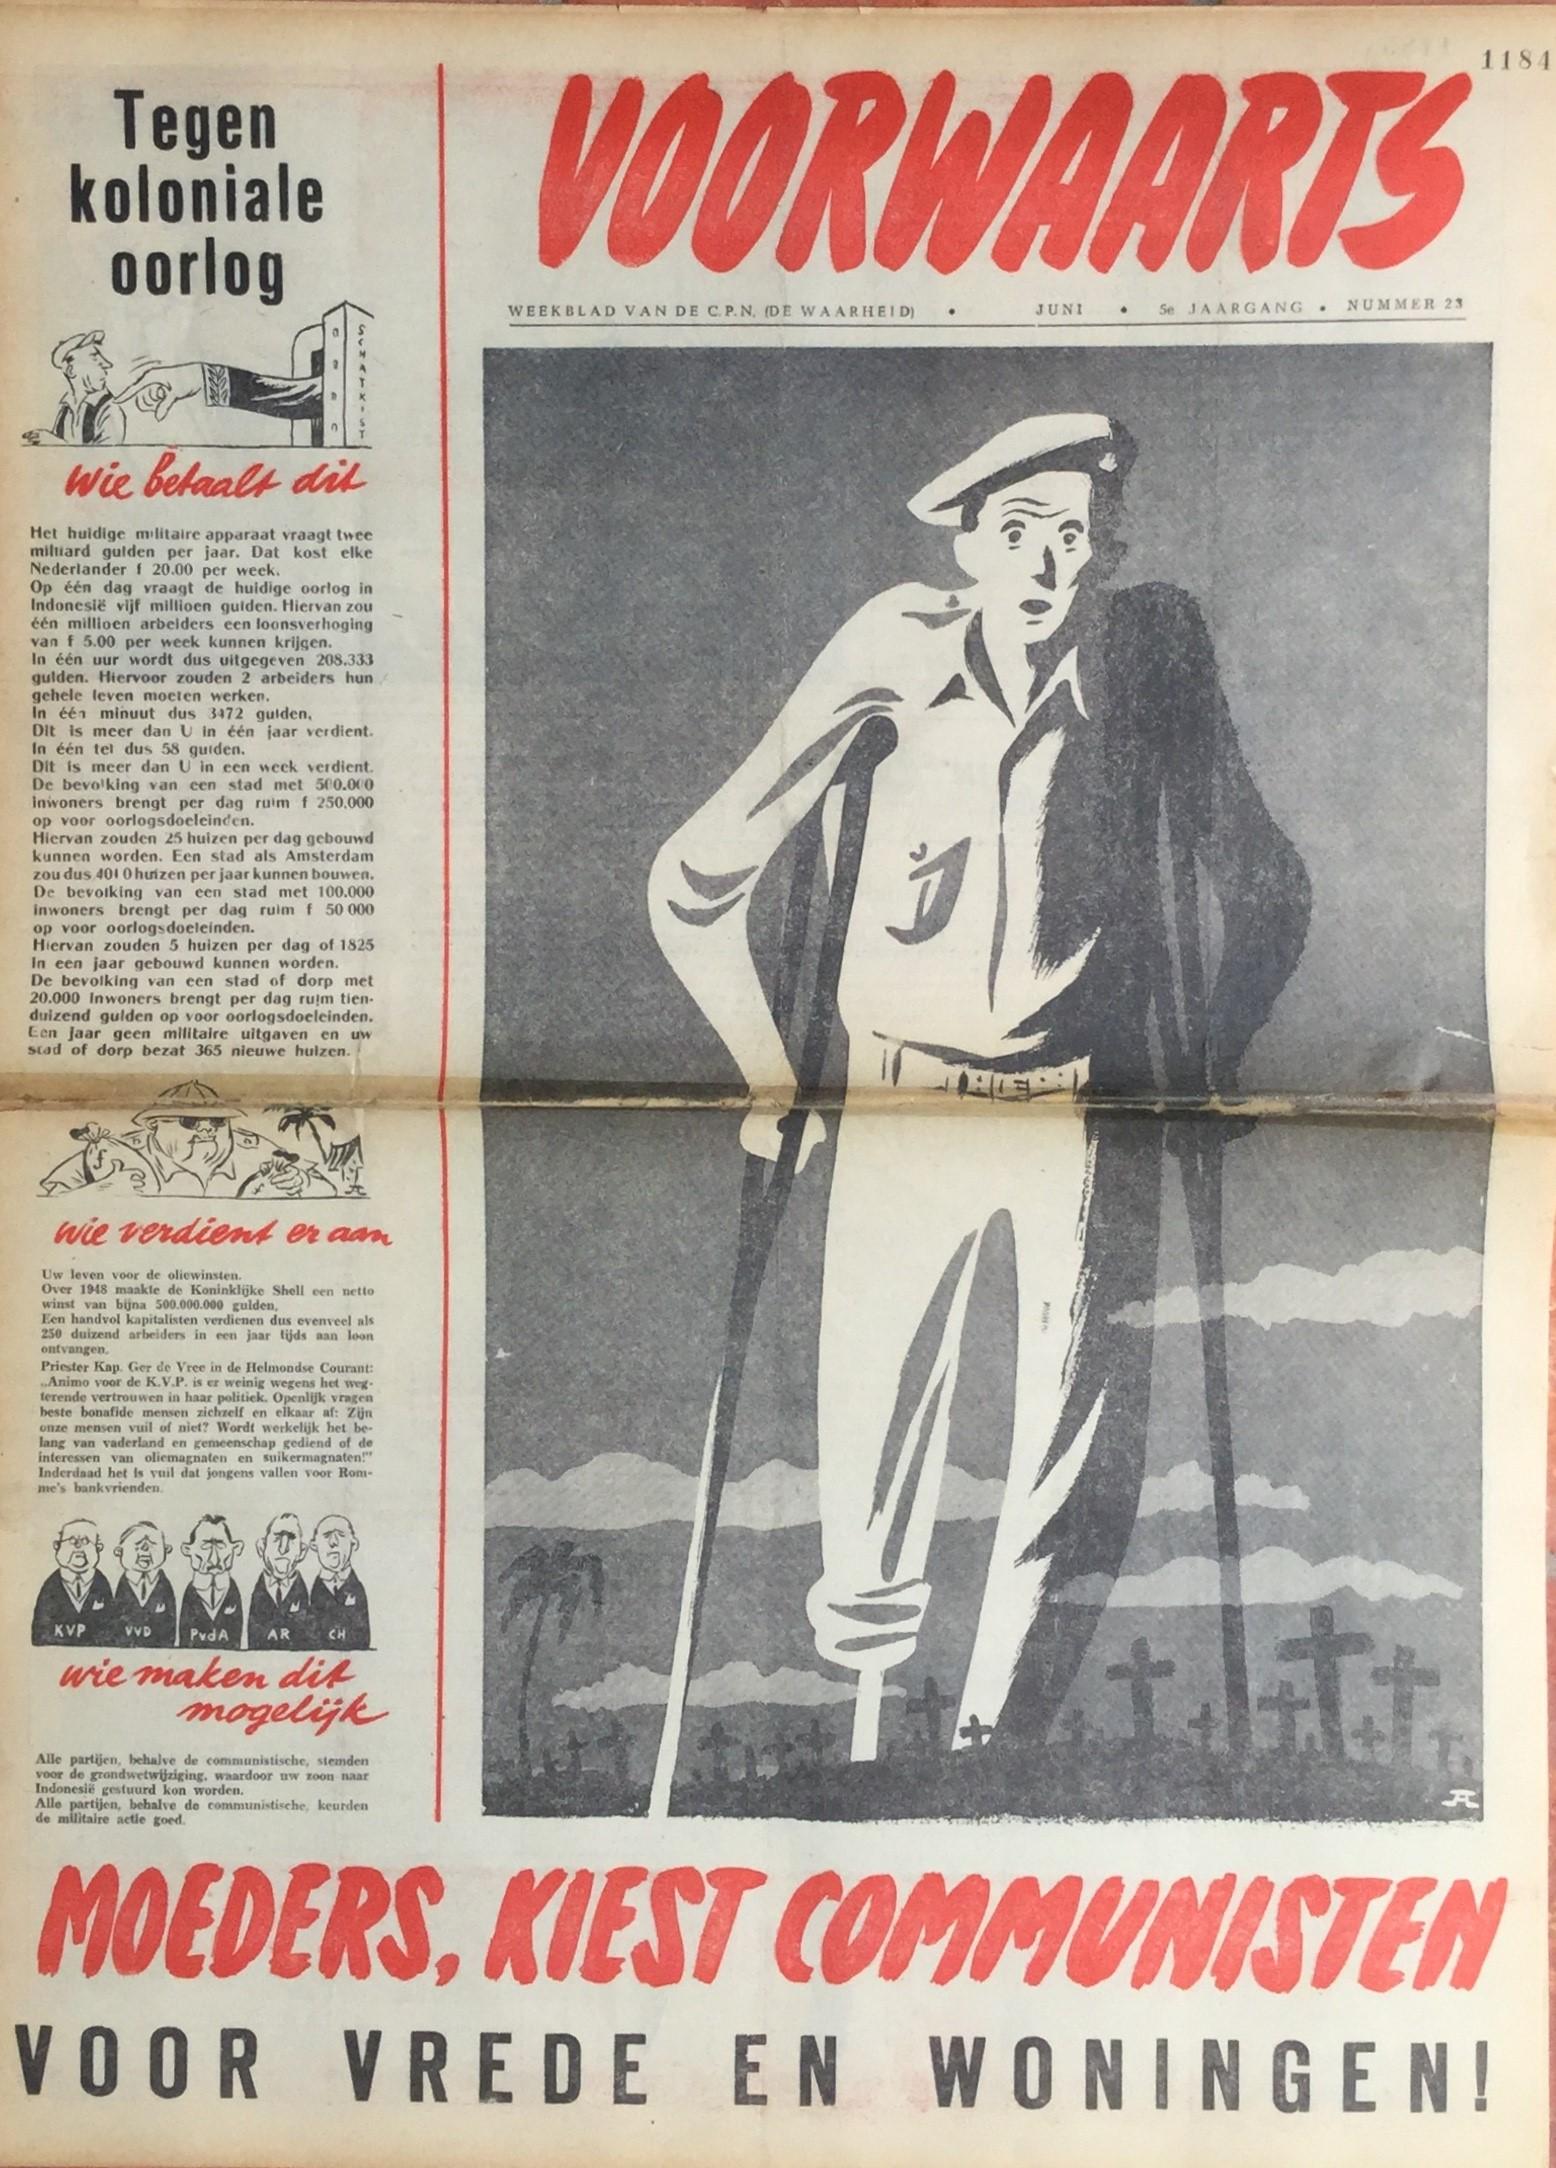 Alex Jagtenberg. Dienstplichtige Nederlandse militairen bij de 'politionele' optredens in Indonesië. Voorwaarts, juni 1949.